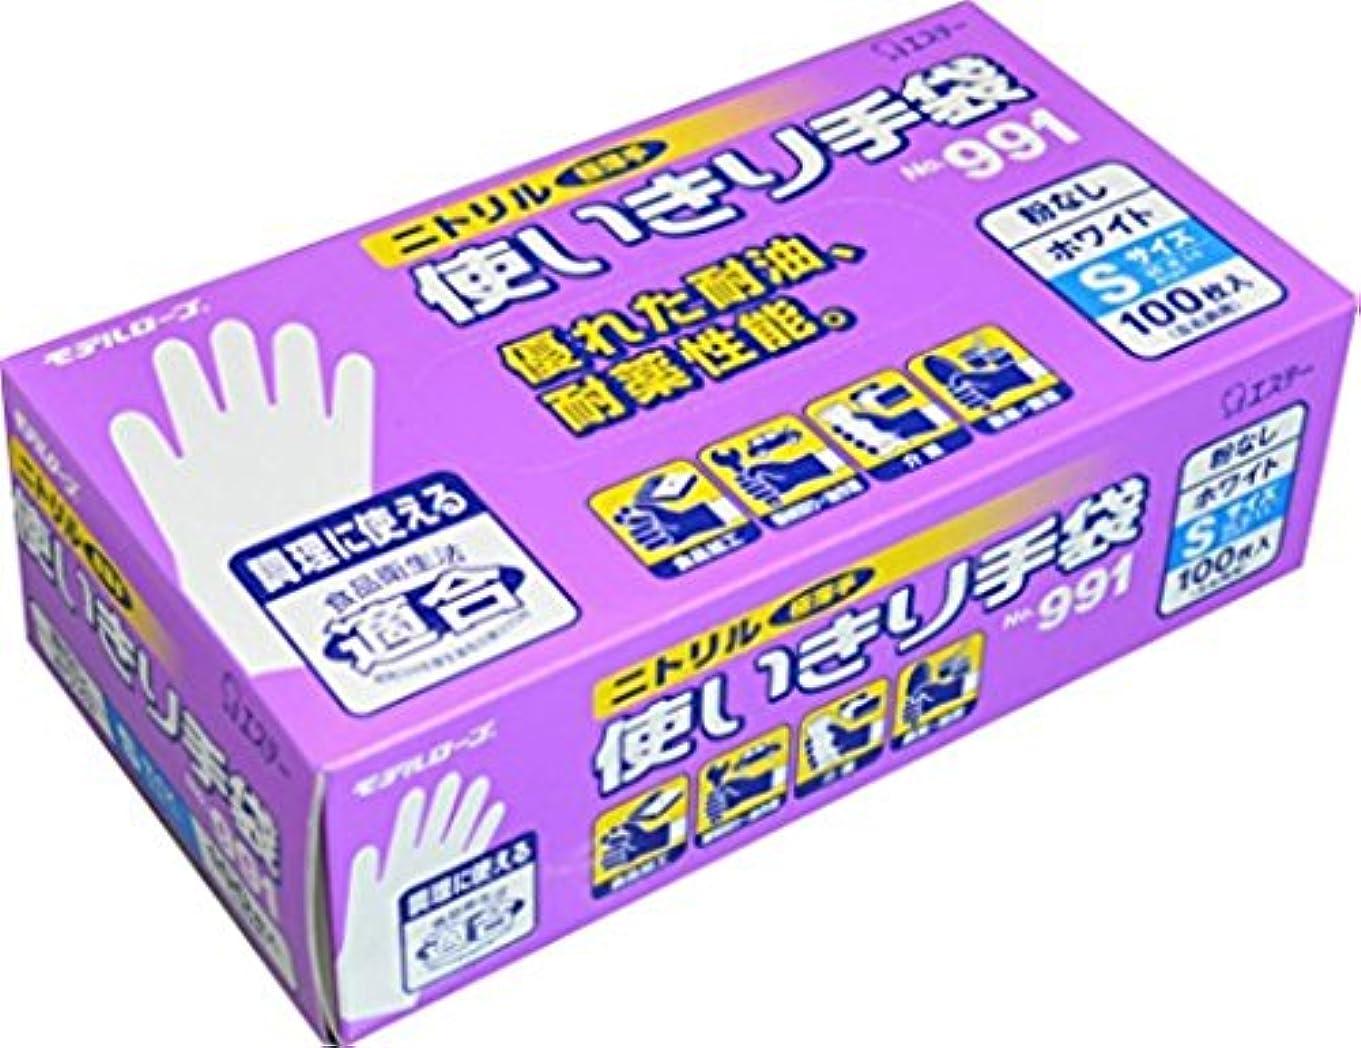 ユーモラス余韻ユーザー(まとめ買い)エステー ニトリル使いきり手袋粉無No.991ホワイトS 100枚【×2セット】